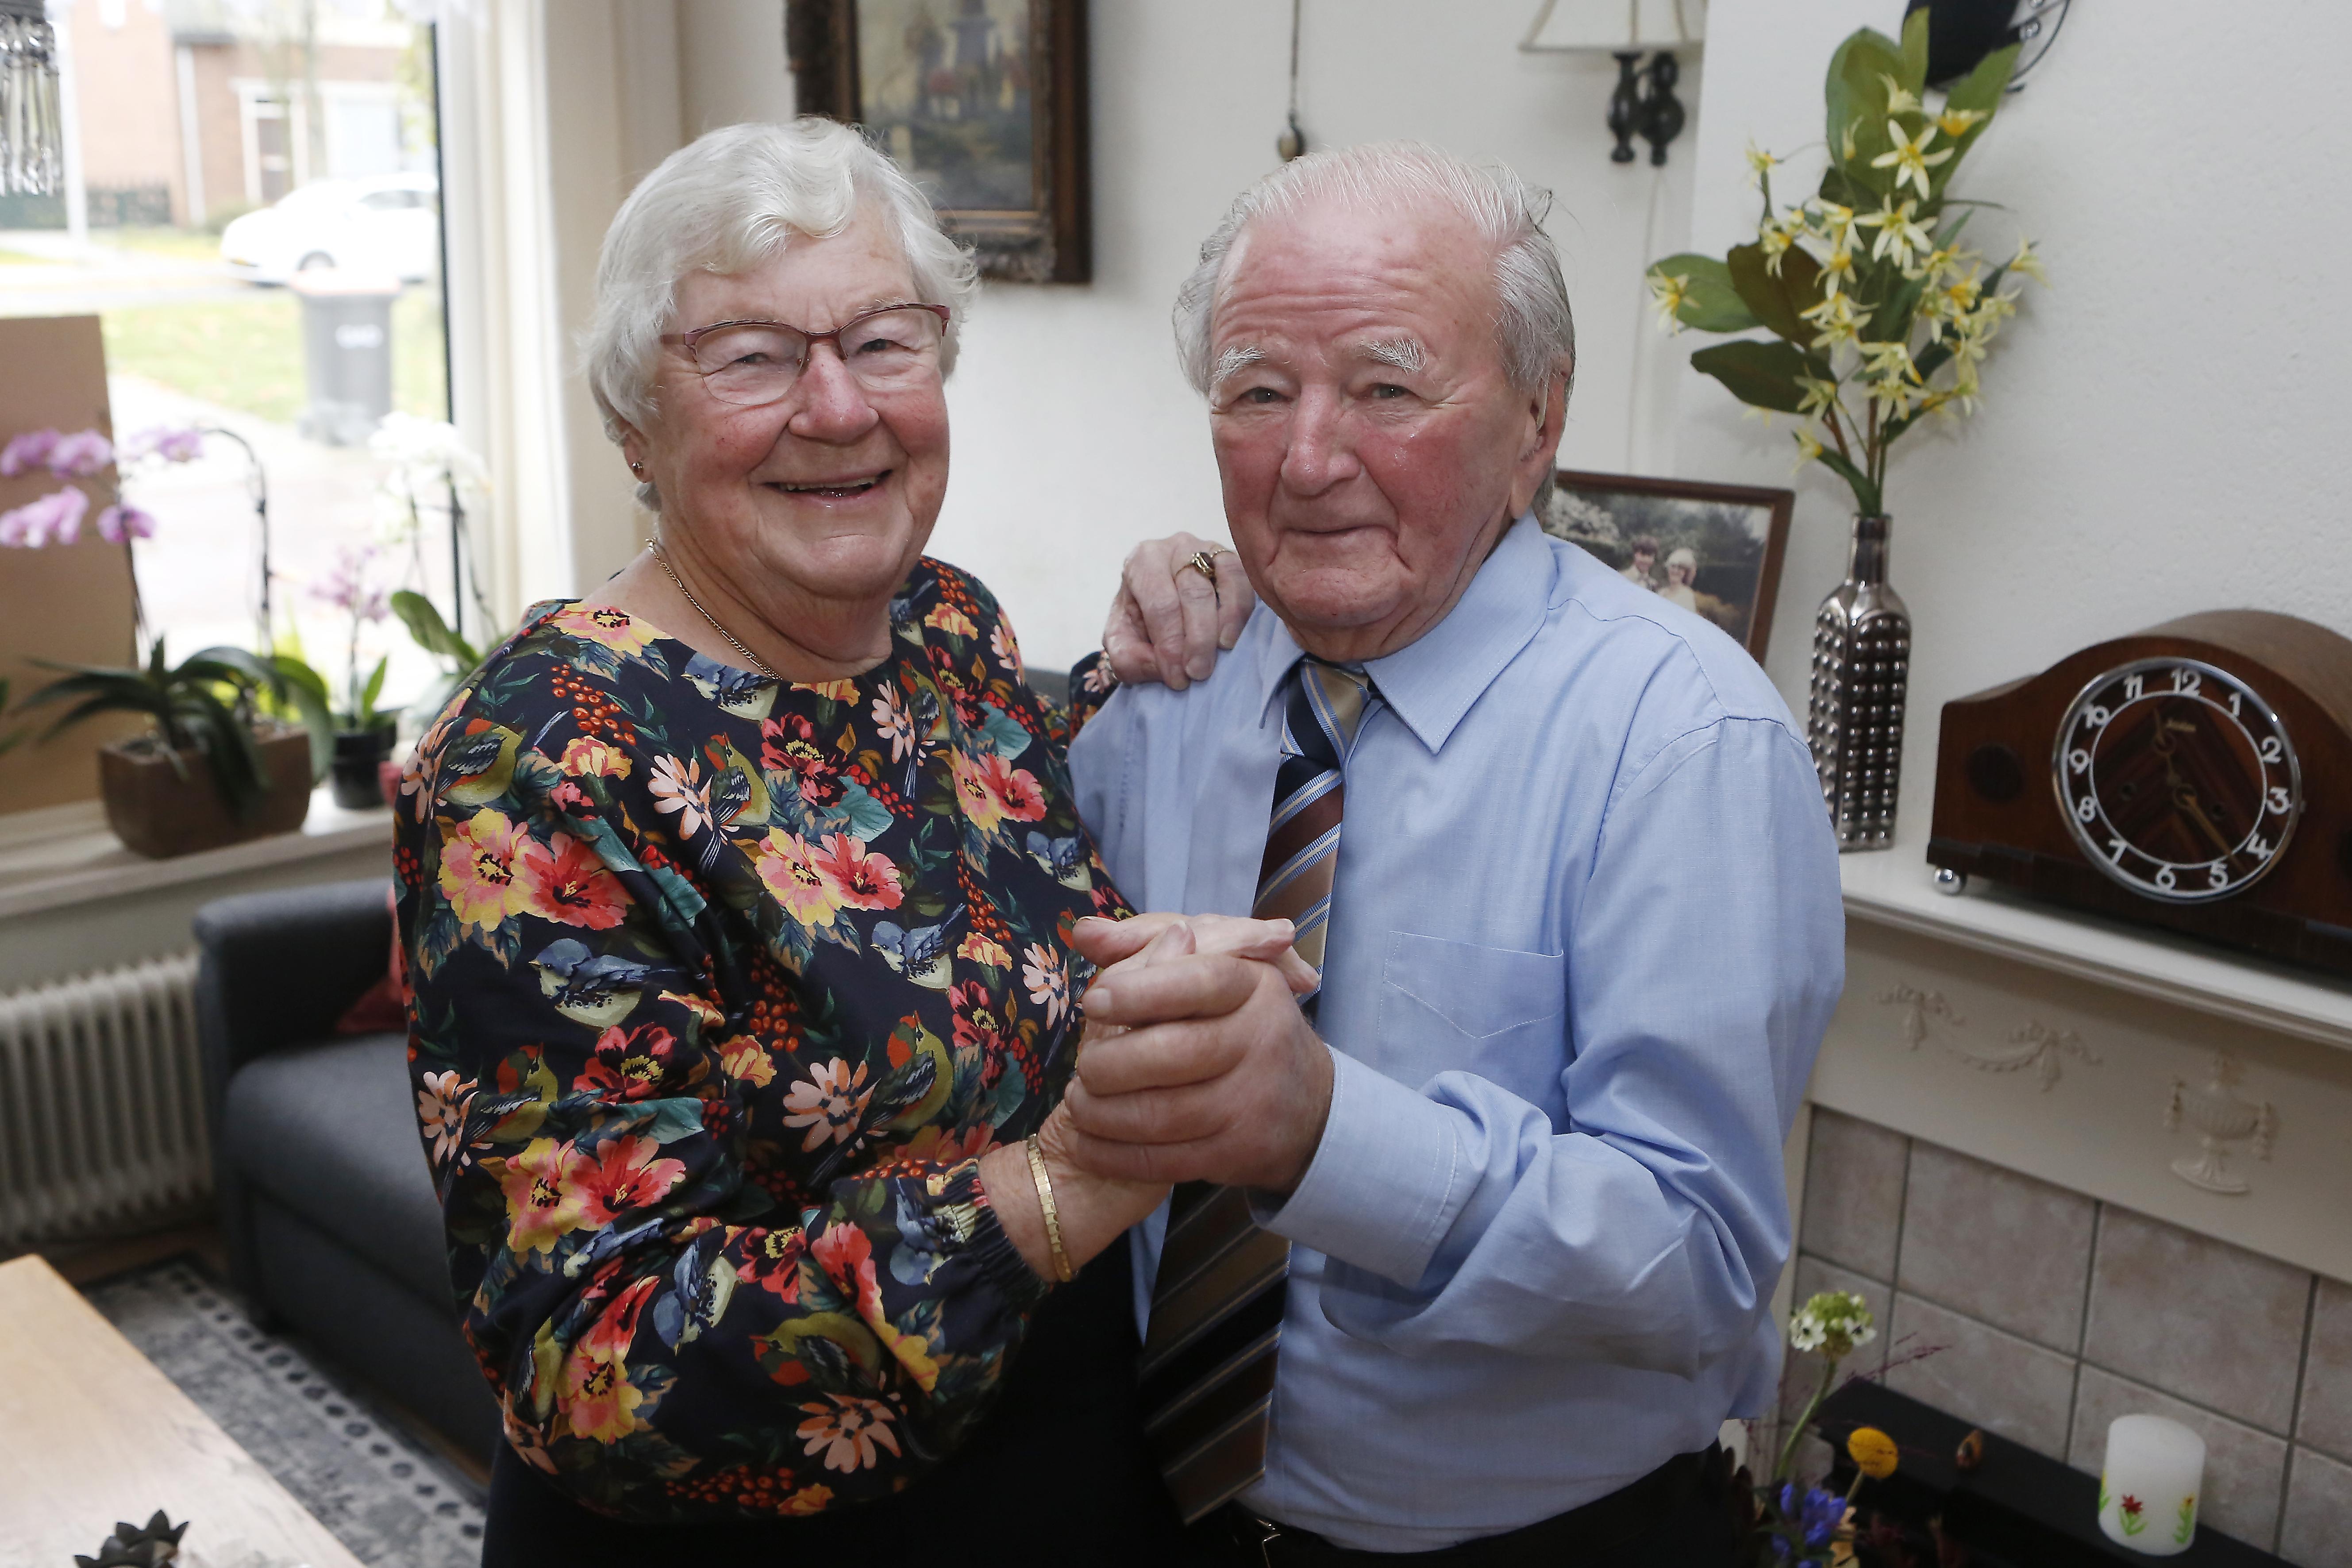 Muidense Wil van den Akker naaide haar eigen trouwjurk en heeft na 60 jaar huwelijk nog geen moment spijt van vangst Taeke Renema. 'Hij blijft een jochie van vijf, nog altijd ondeugend'